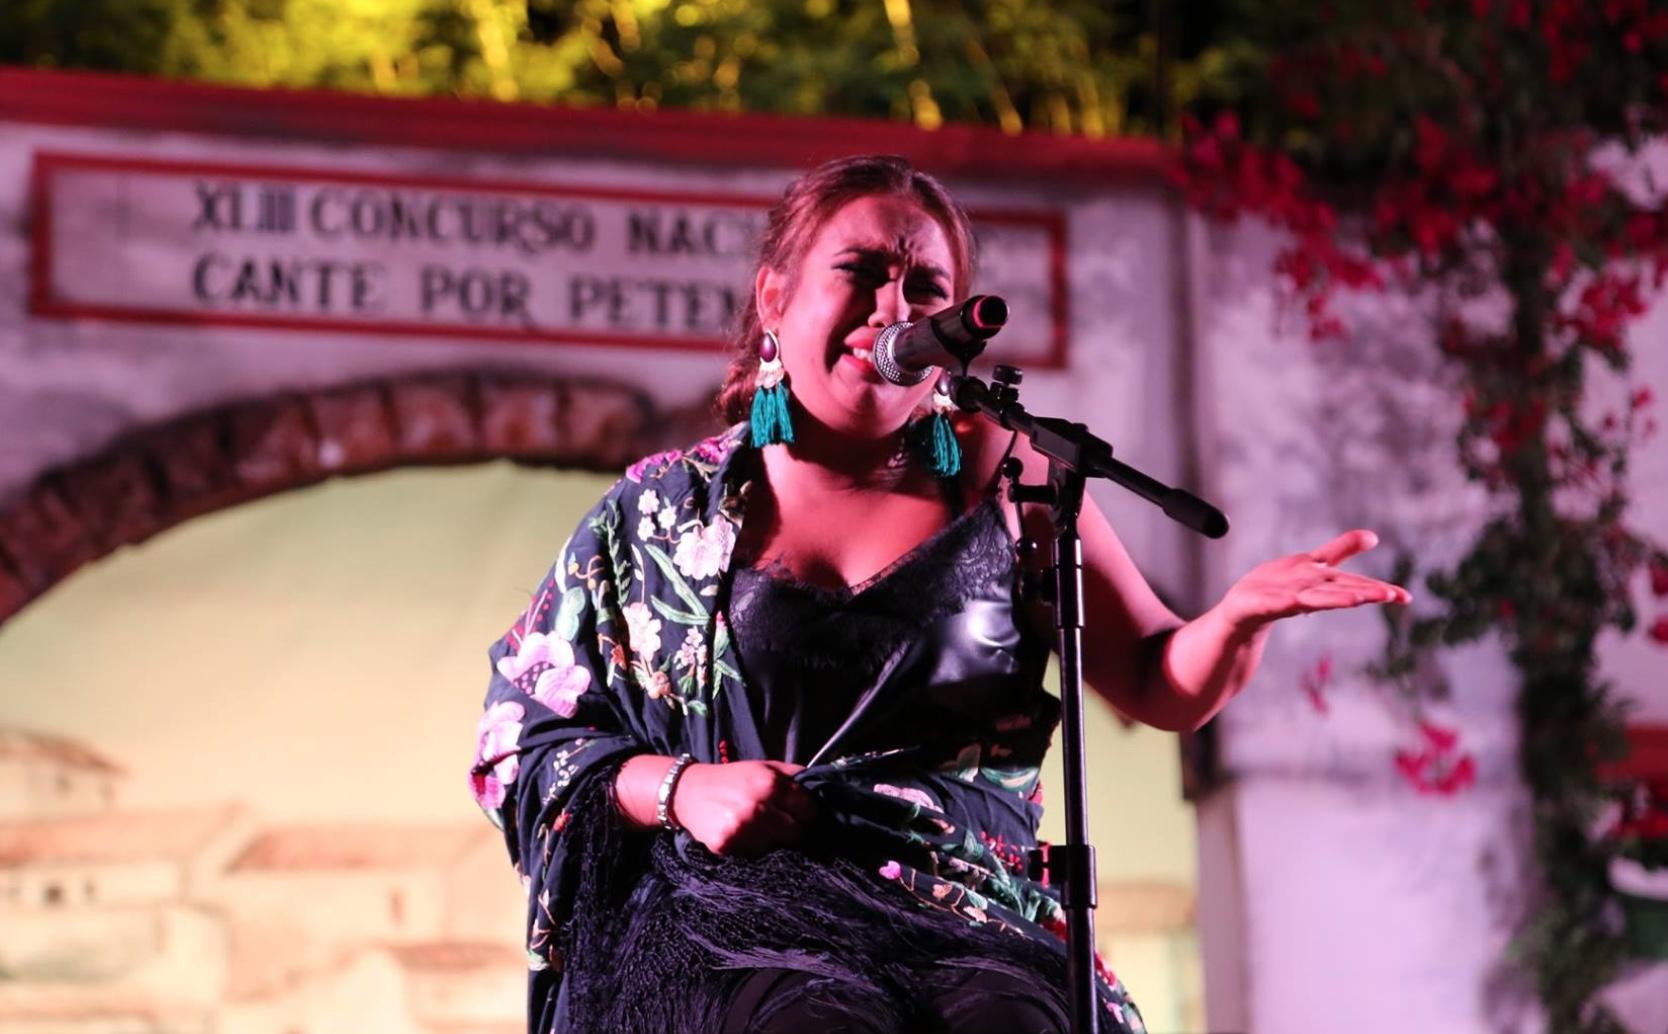 Aplazado el XLV Concurso Internacional de Cante por Peteneras